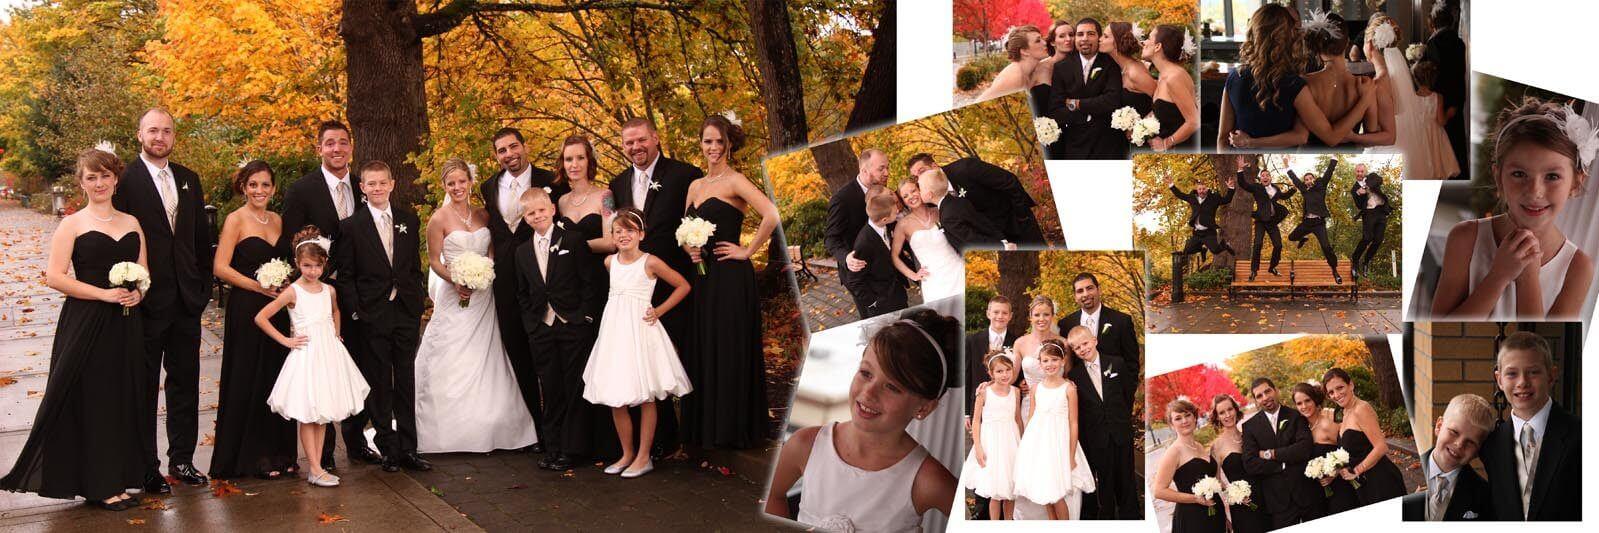 The-Vue-Indoor-Wedding-Venue-Corvallis-Oregon-wedding-photographers022-023.jpg